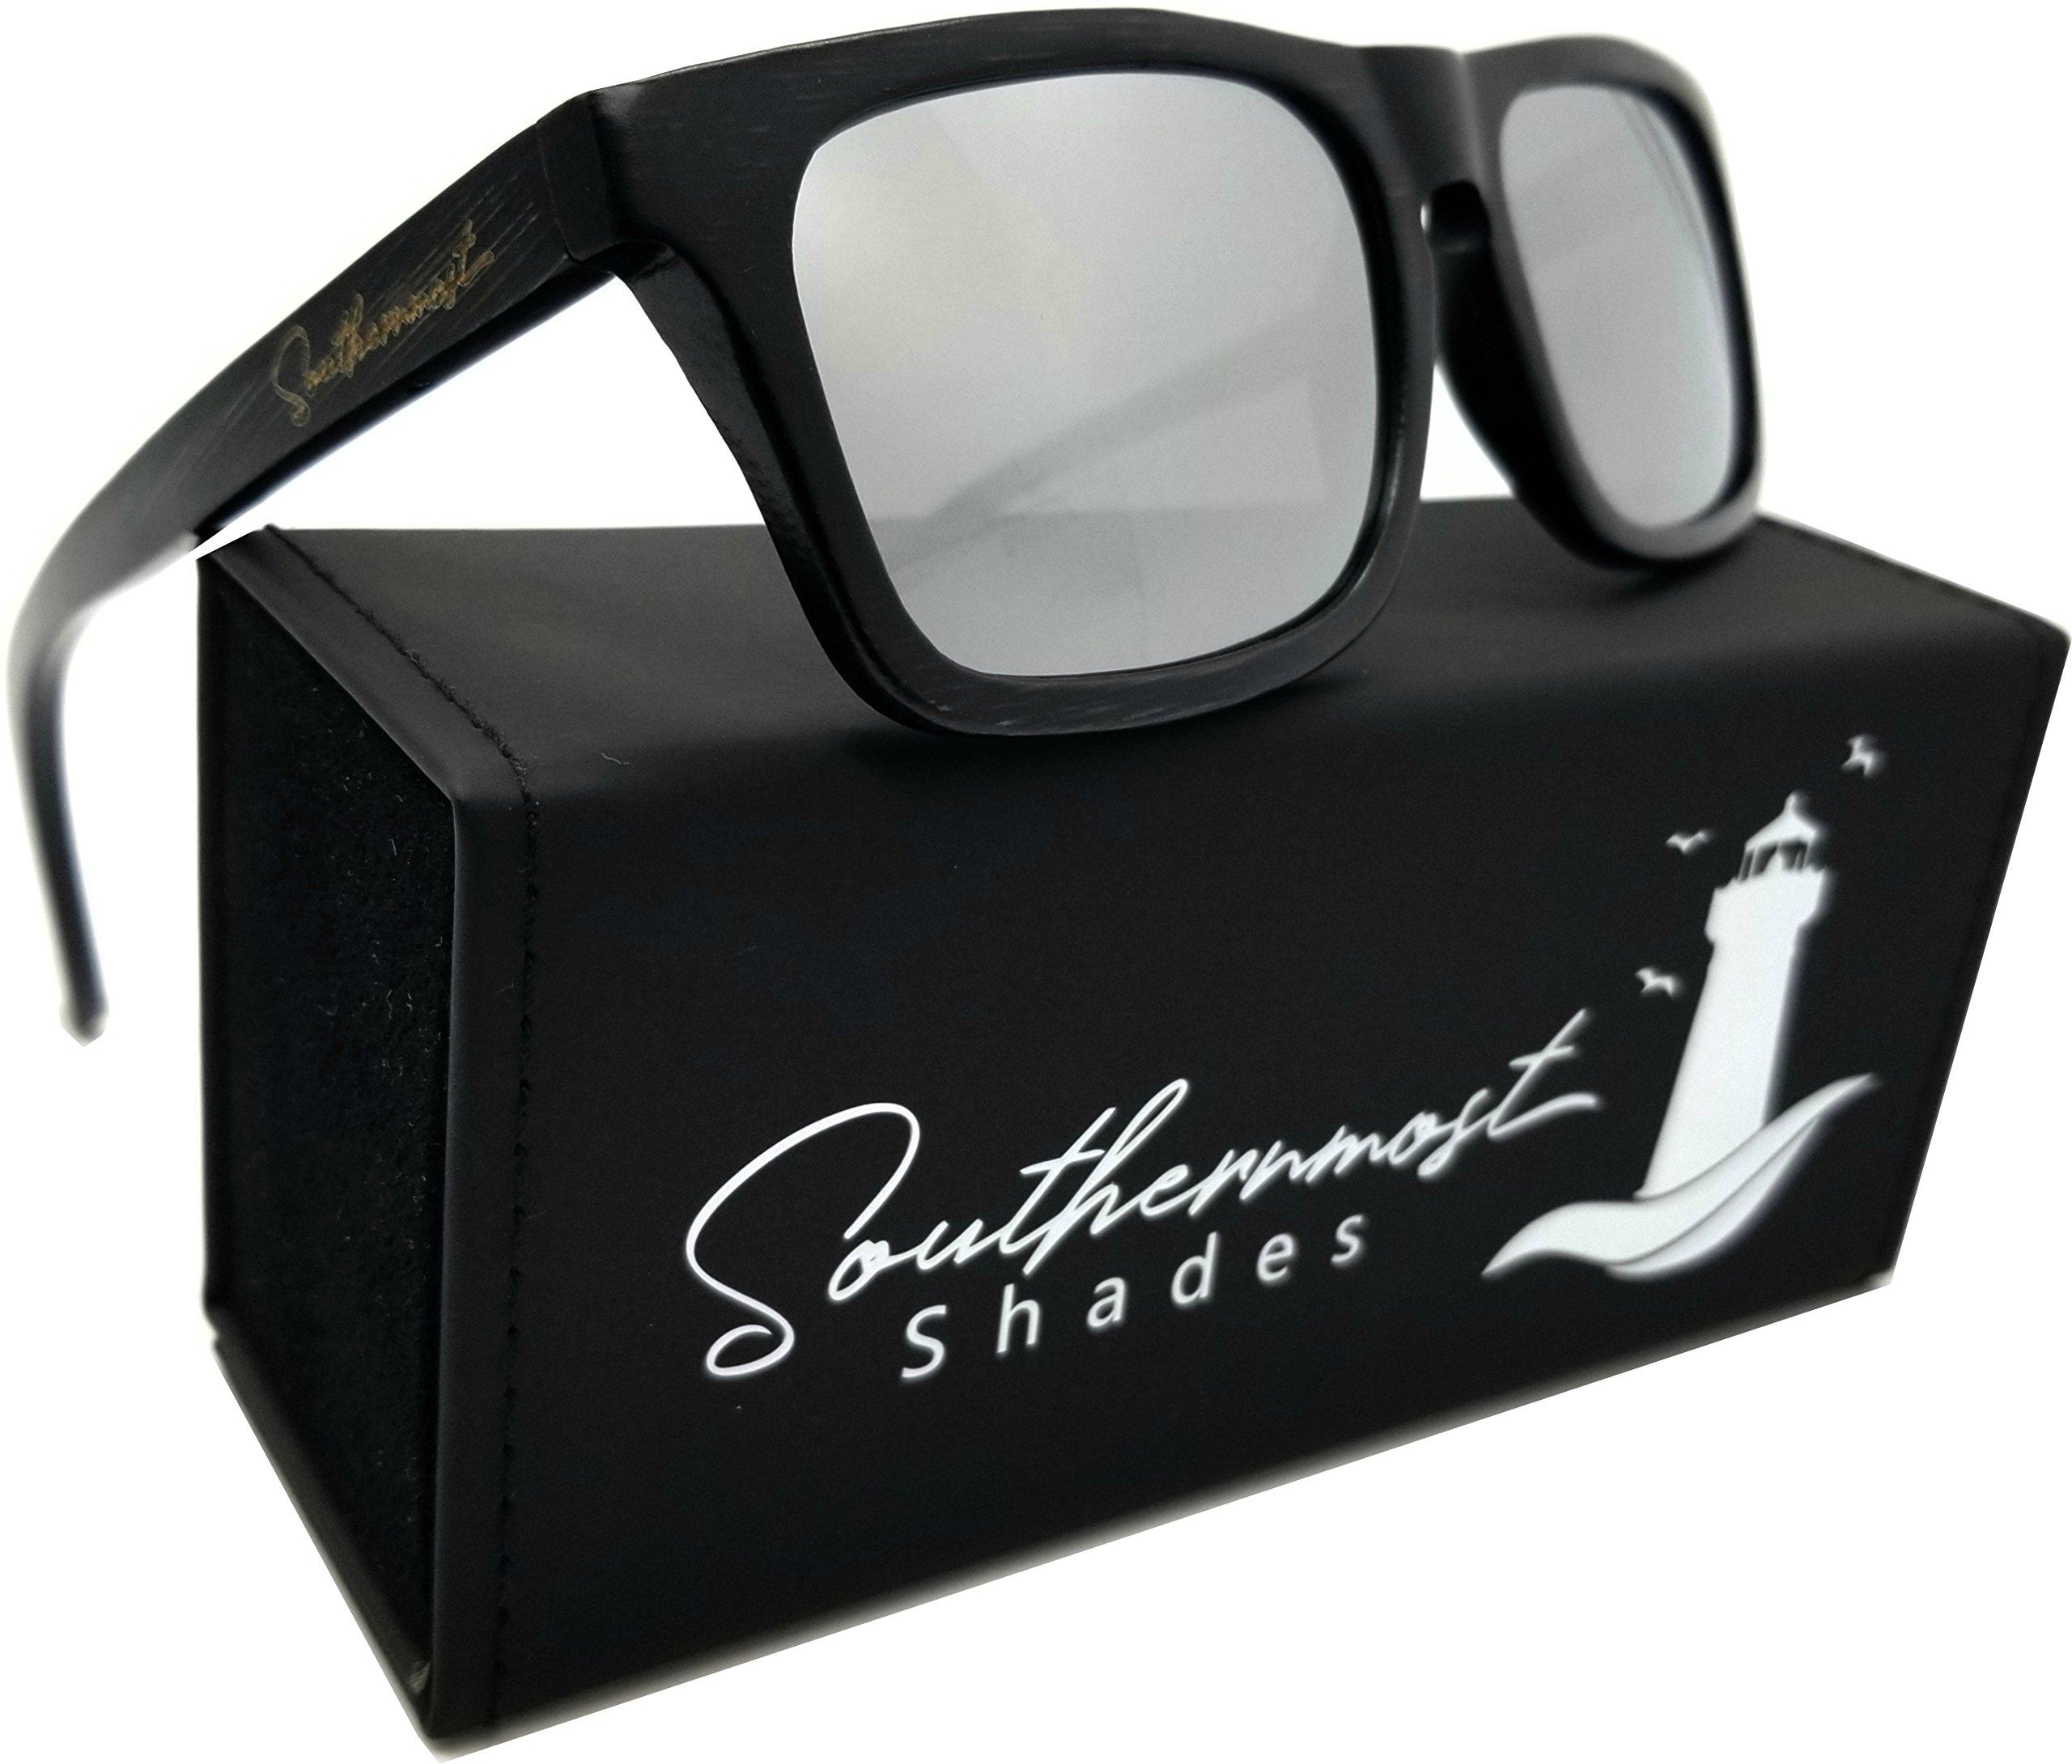 Real Bamboo Wood Sunglasses Men & Women -100% Polarized Lenses- Wooden Frame (Black Bamboo - Silver Mirror Lenses)